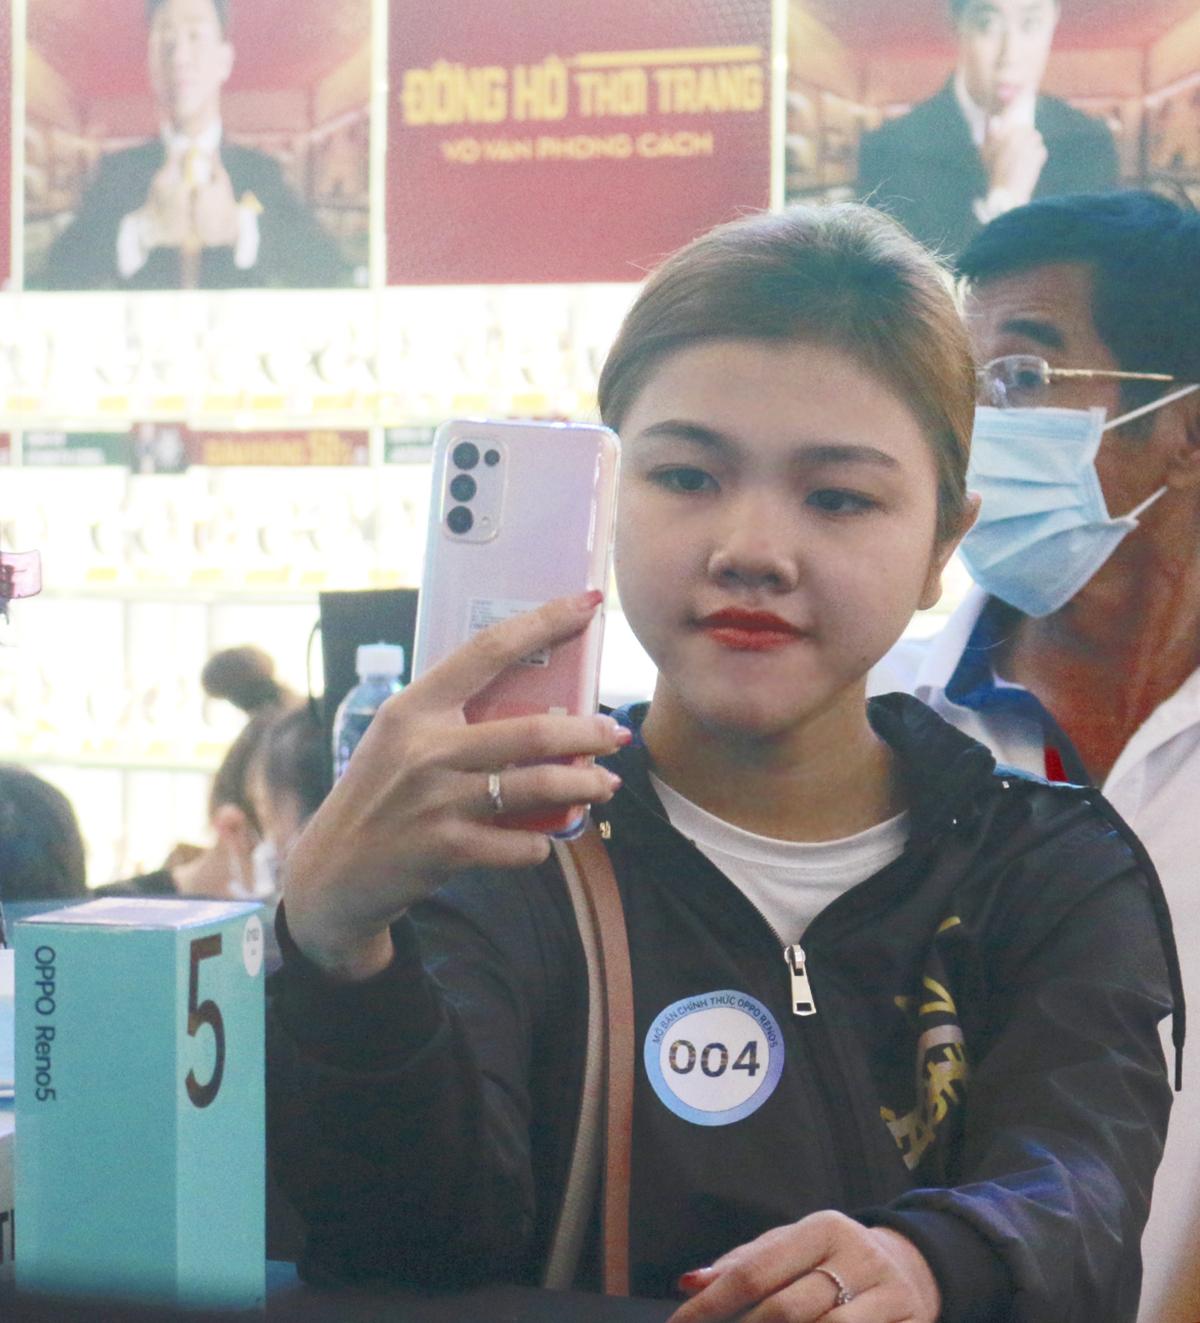 Bạn trẻ Thanh Mai (19 tuổi) sau khi trải nghiệm Reno5 đánh giá cao camera cho ra những bức ảnh có màu đẹp, nhất là khi selfie. Tính năng quay video phơi sáng kép là thứ mình thích và hài lòng nhất, rất phù hợp để mình đăng tải lên mạng xã hội, Thanh Mai chia sẻ.